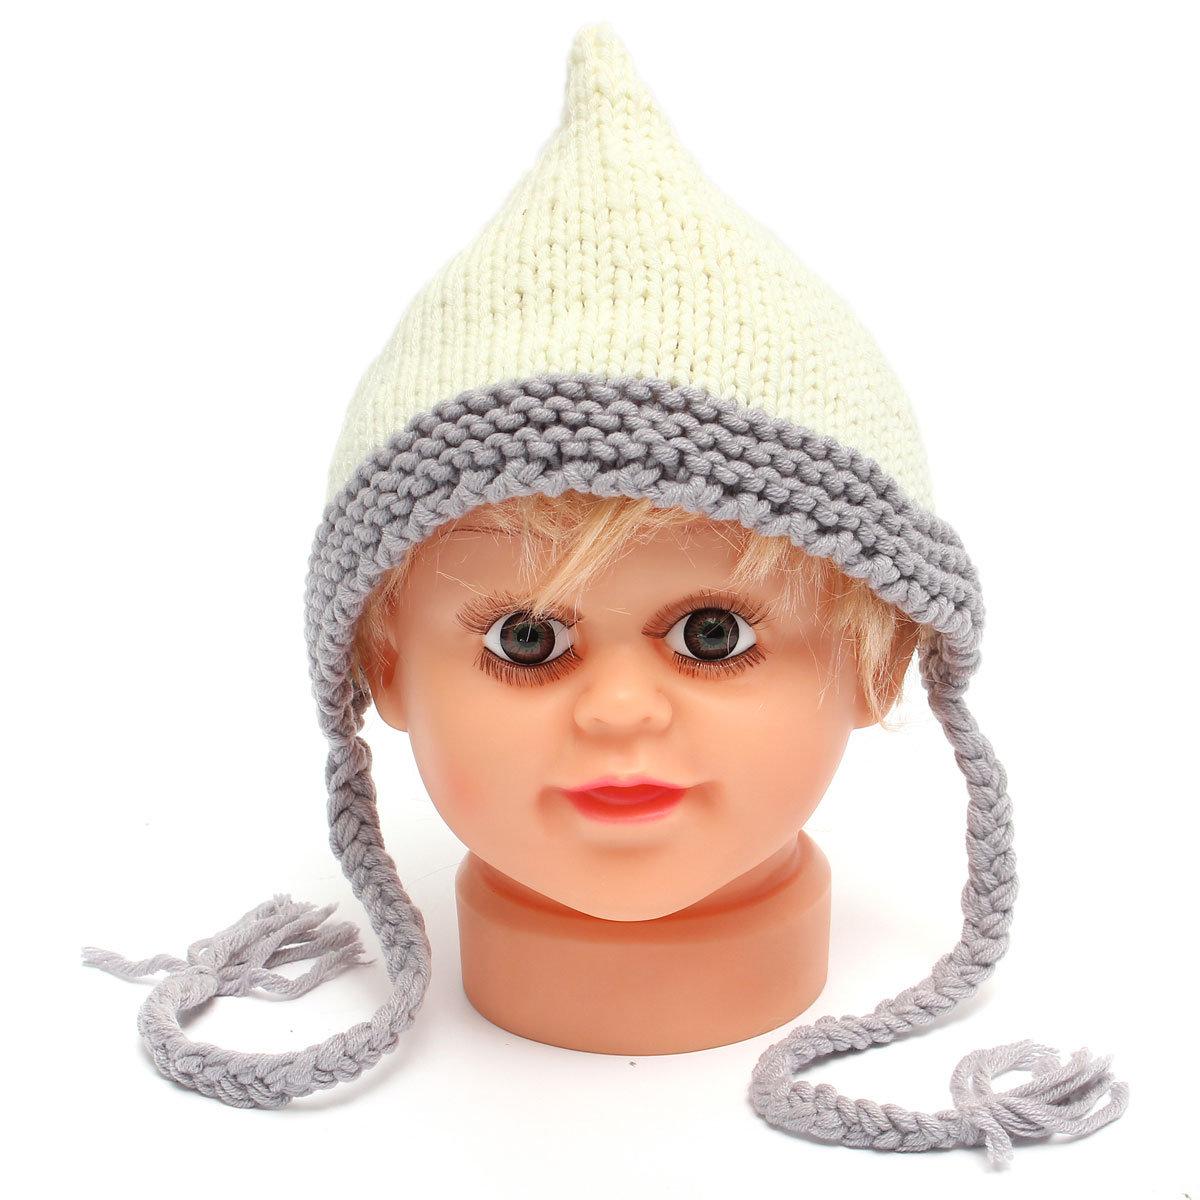 Caldo bianco del neonato della foto della foto del cappello del knit del neonato del neonato